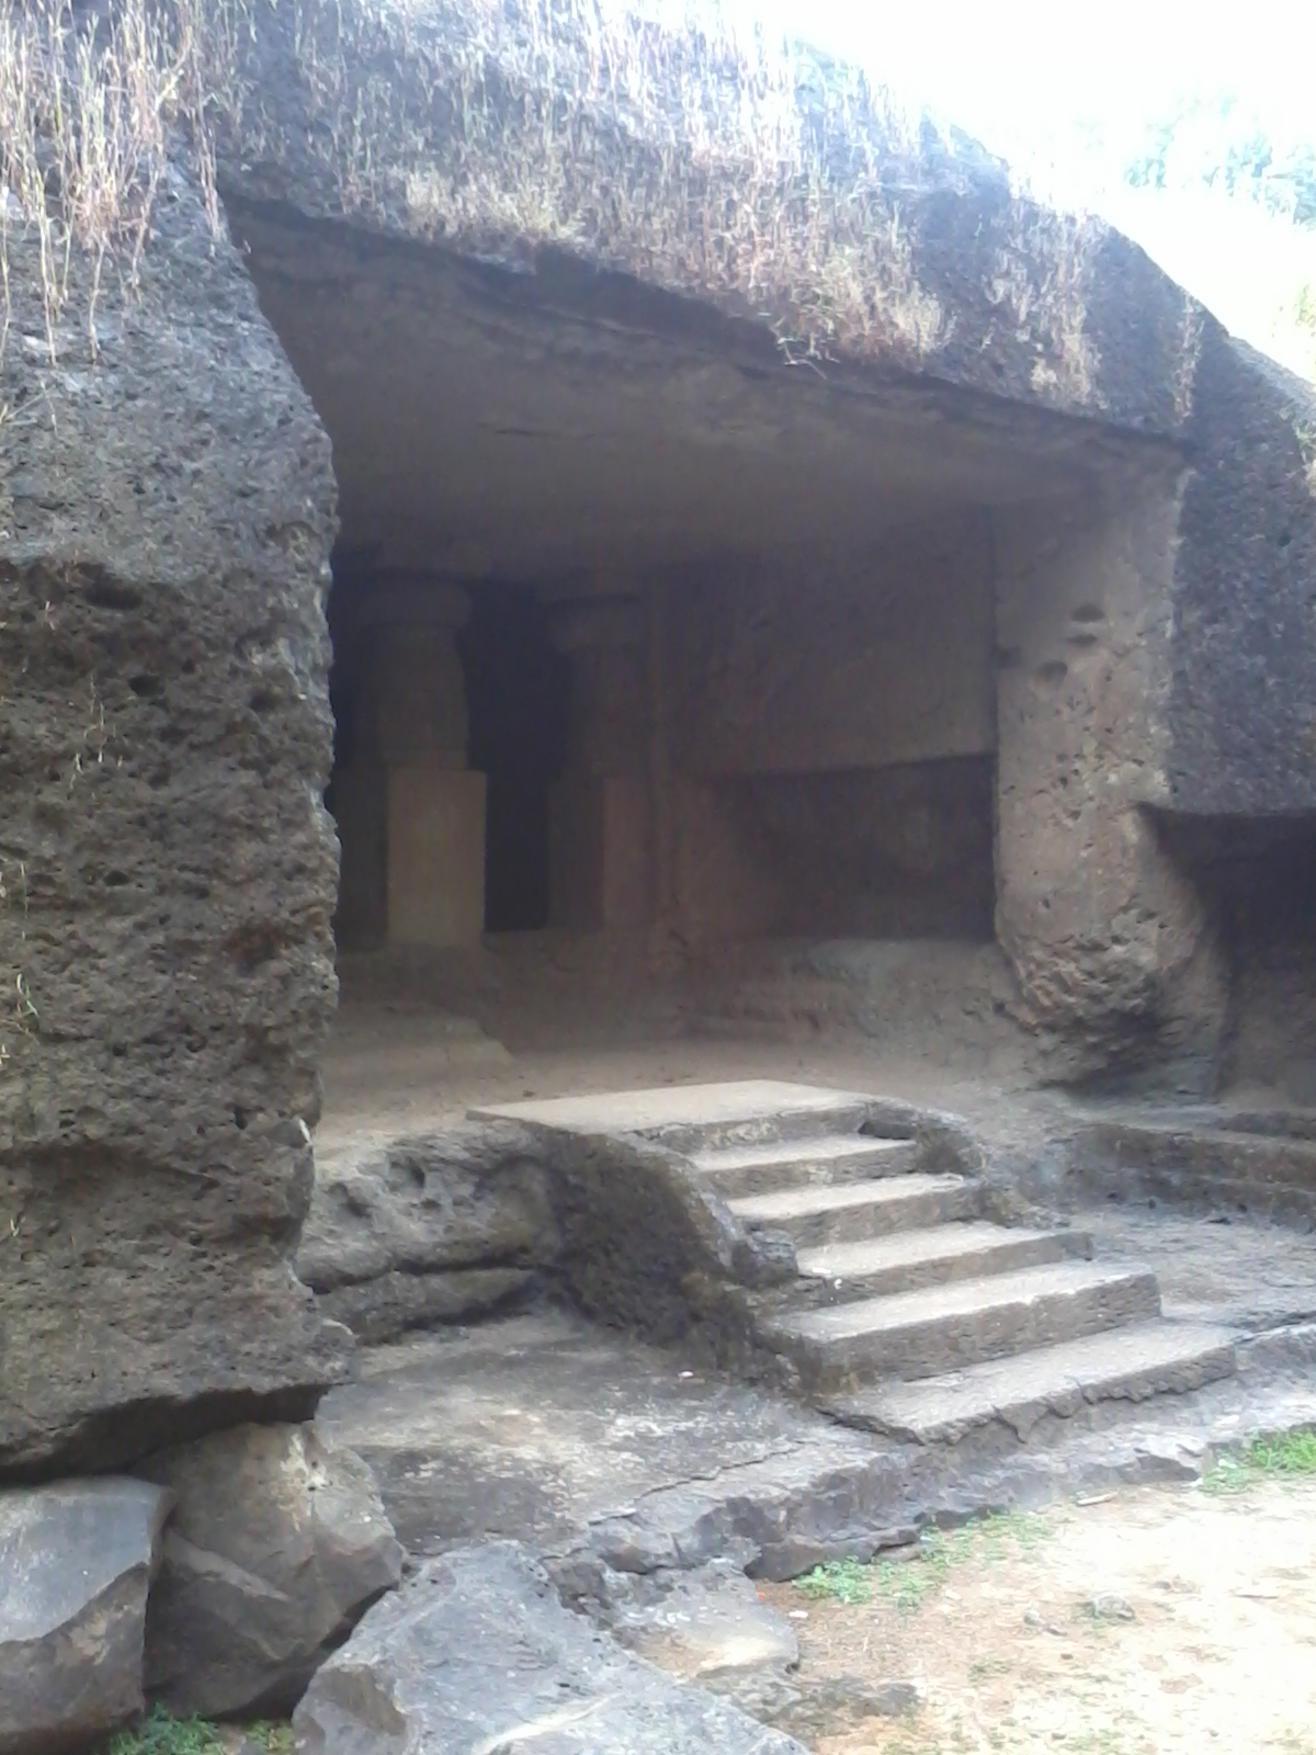 Mahakali Caves (Kondivite Caves), Mumbai